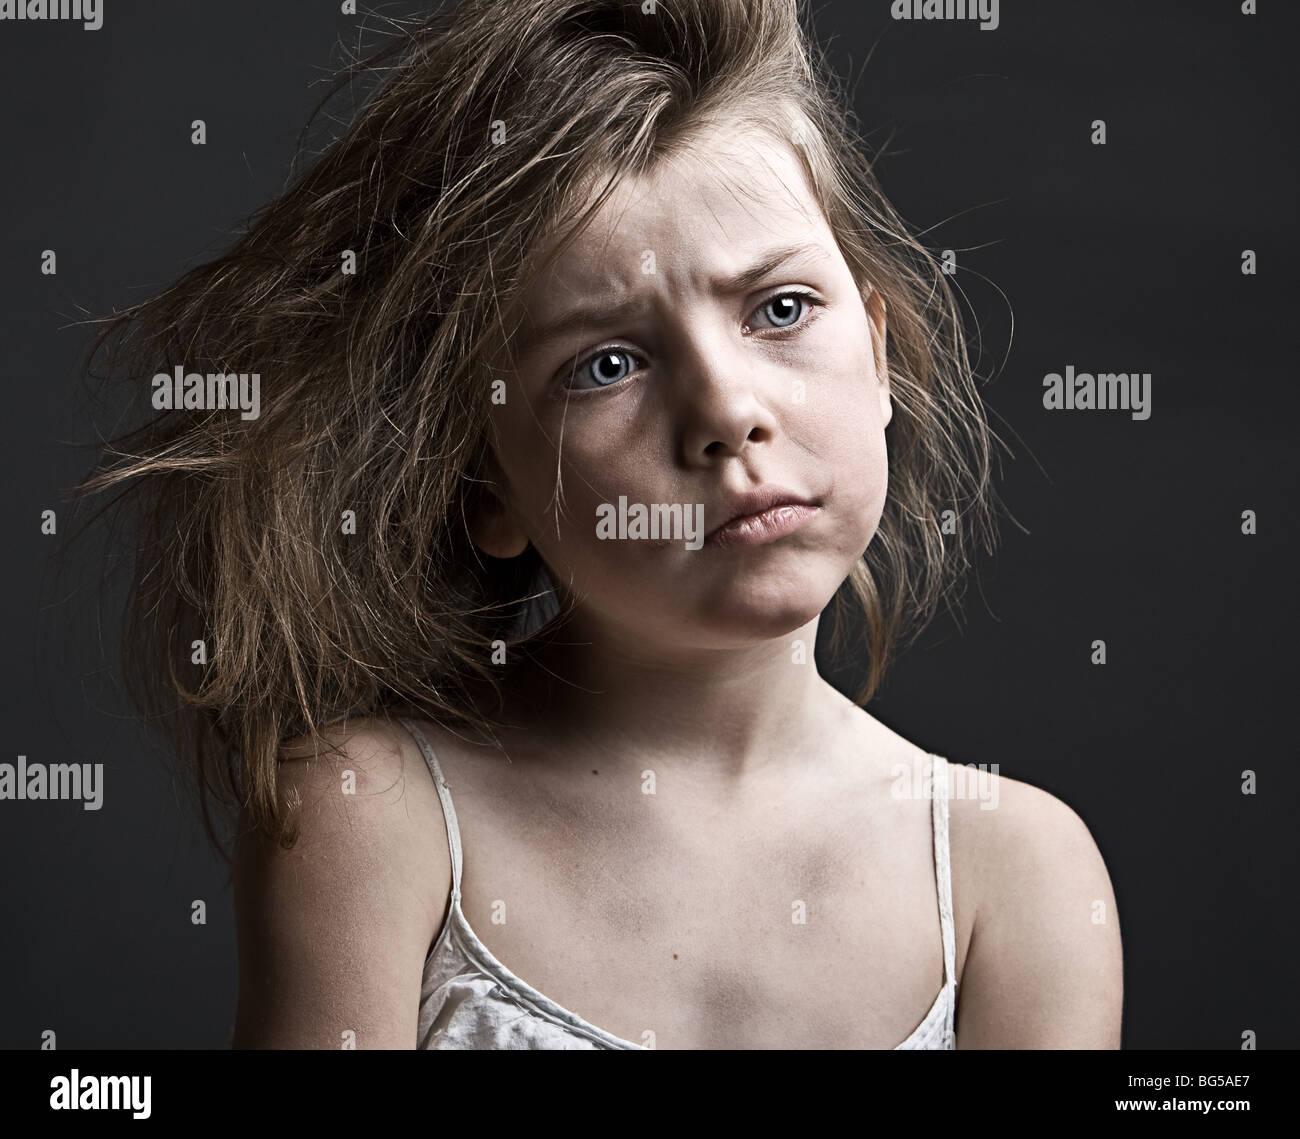 Tir puissant d'un enfant malpropre sur un arrière-plan gris Photo Stock